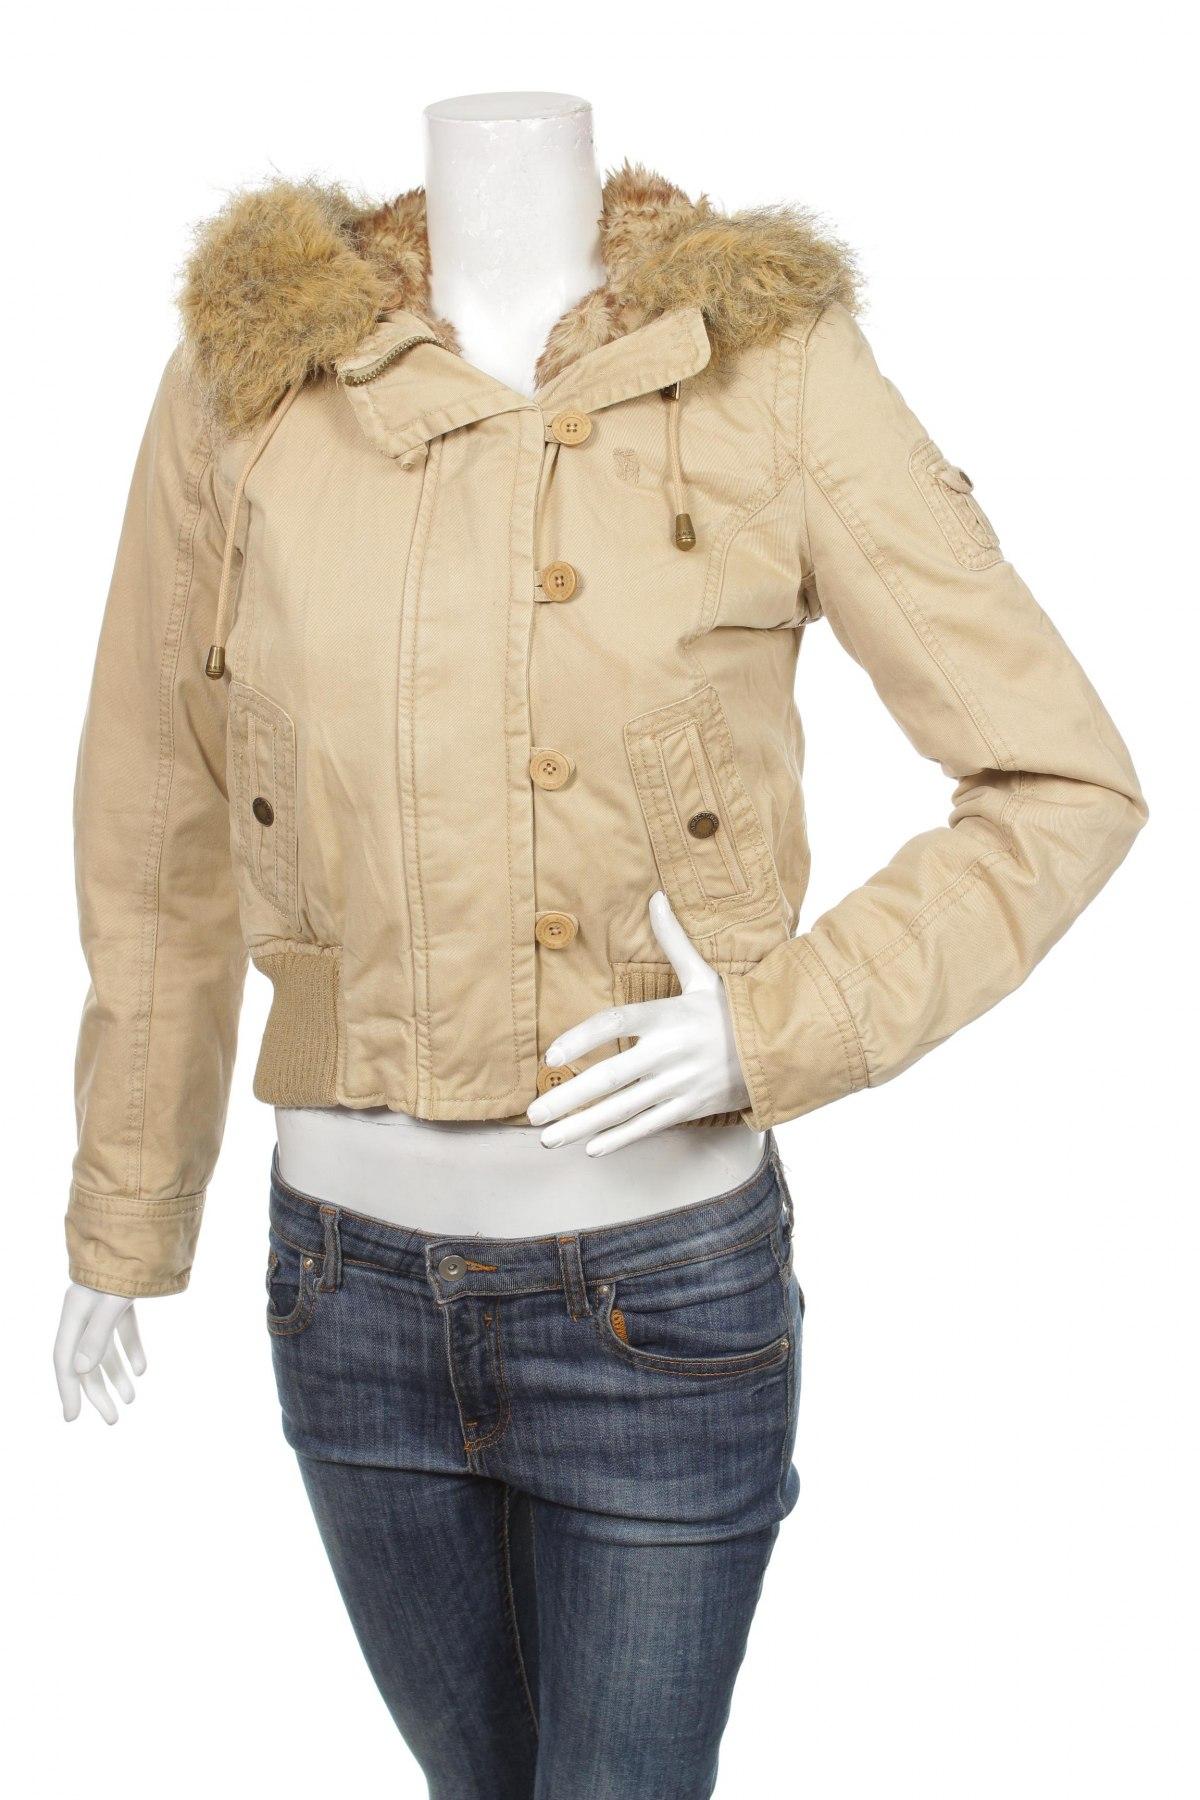 Γυναικείο μπουφάν Abercrombie   Fitch - αγοράστε σε τιμή που ... 4bd34be1823